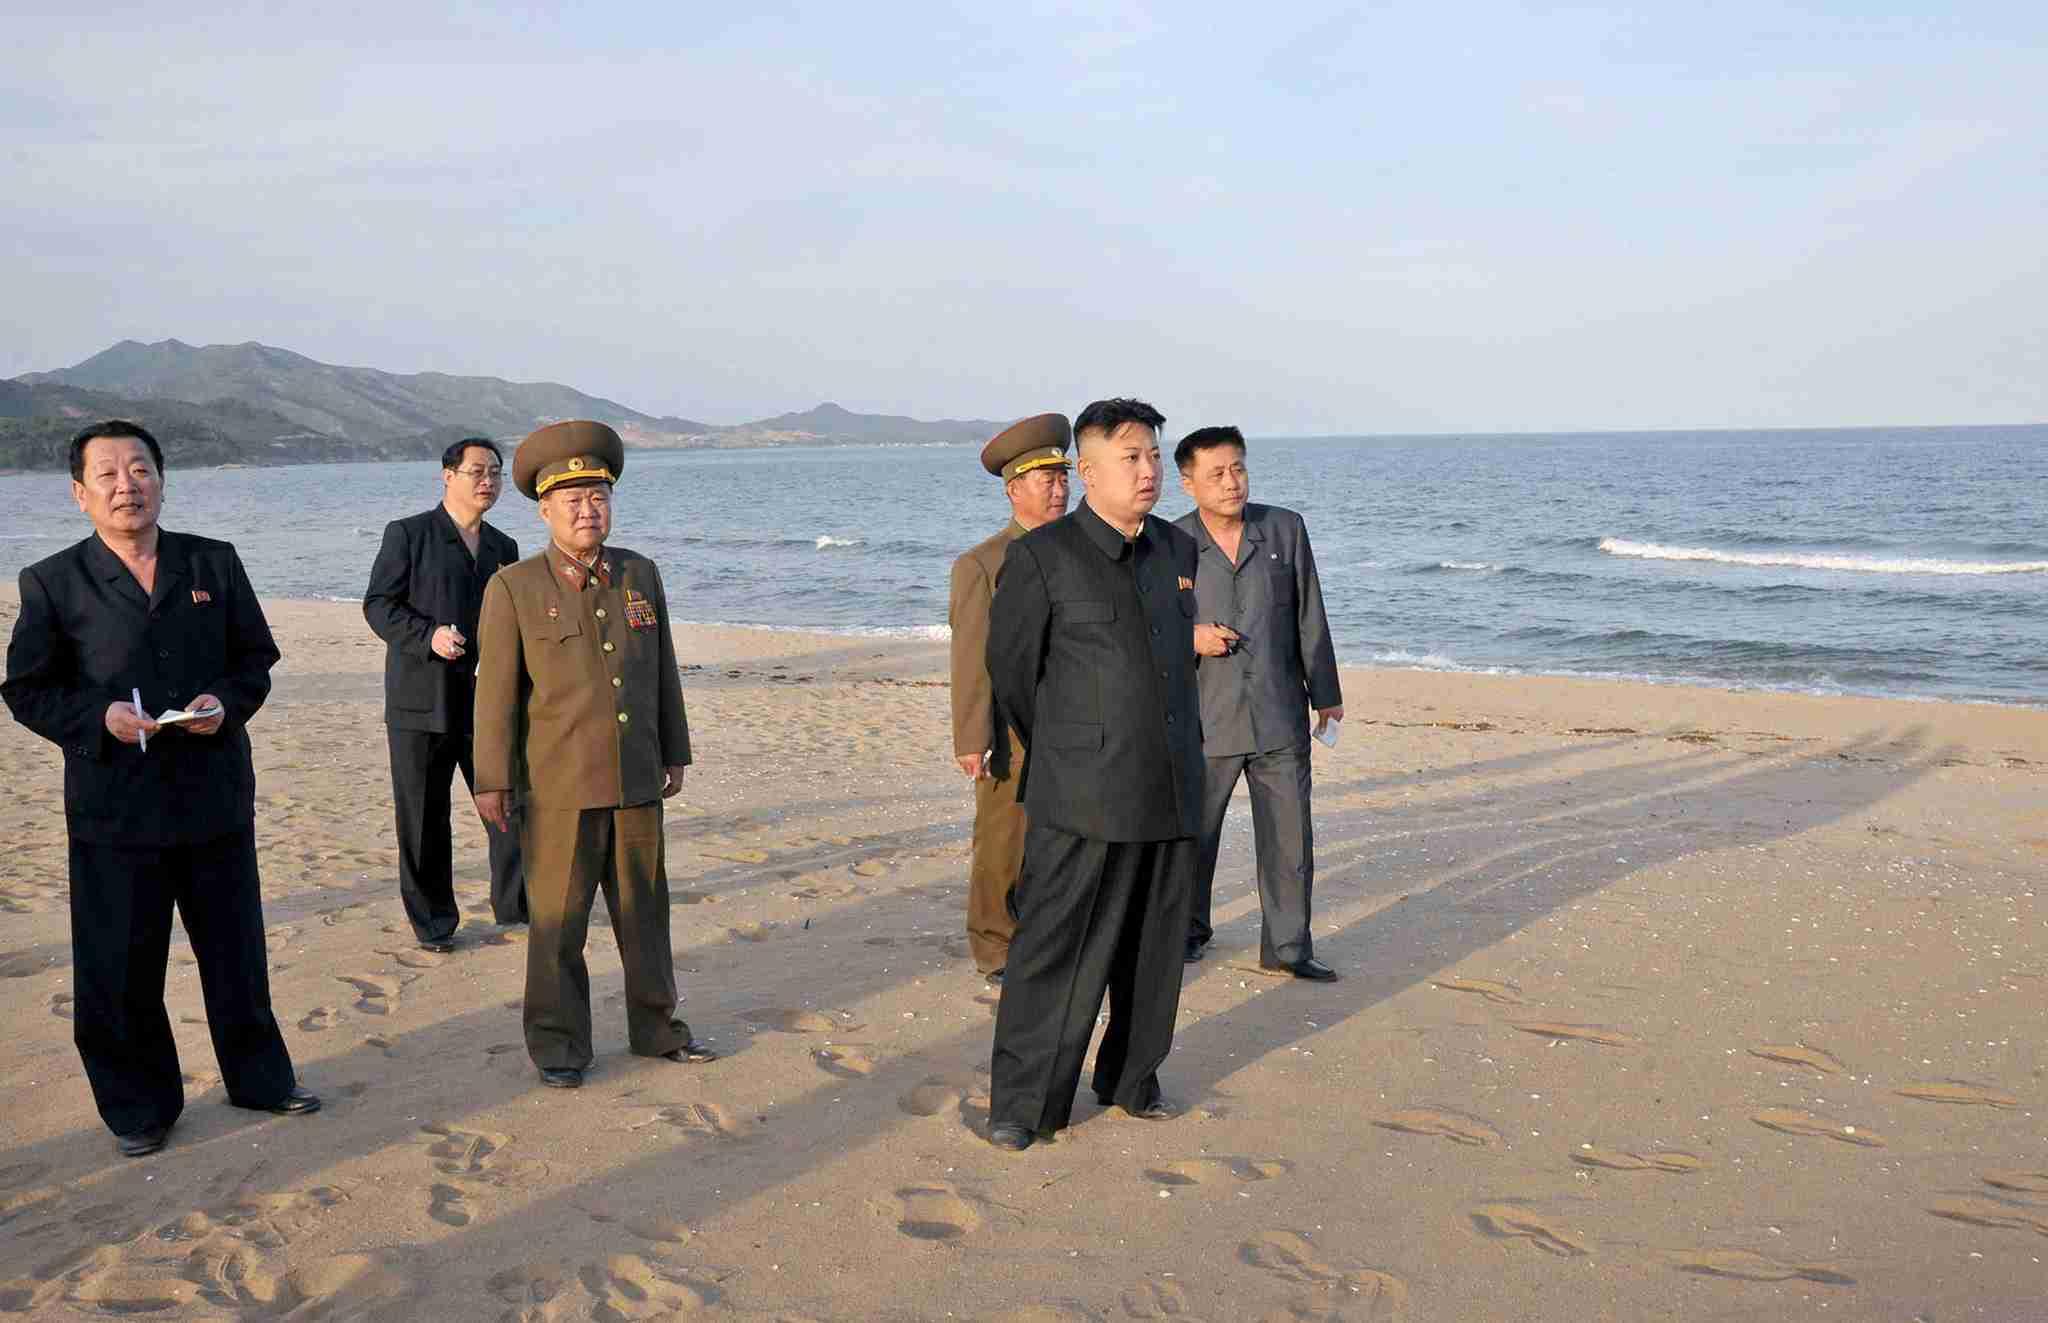 北朝鮮、海外向けに観光呼び掛けるサイト開設 日本語ページも (AFP=時事) - Yahoo!ニュース